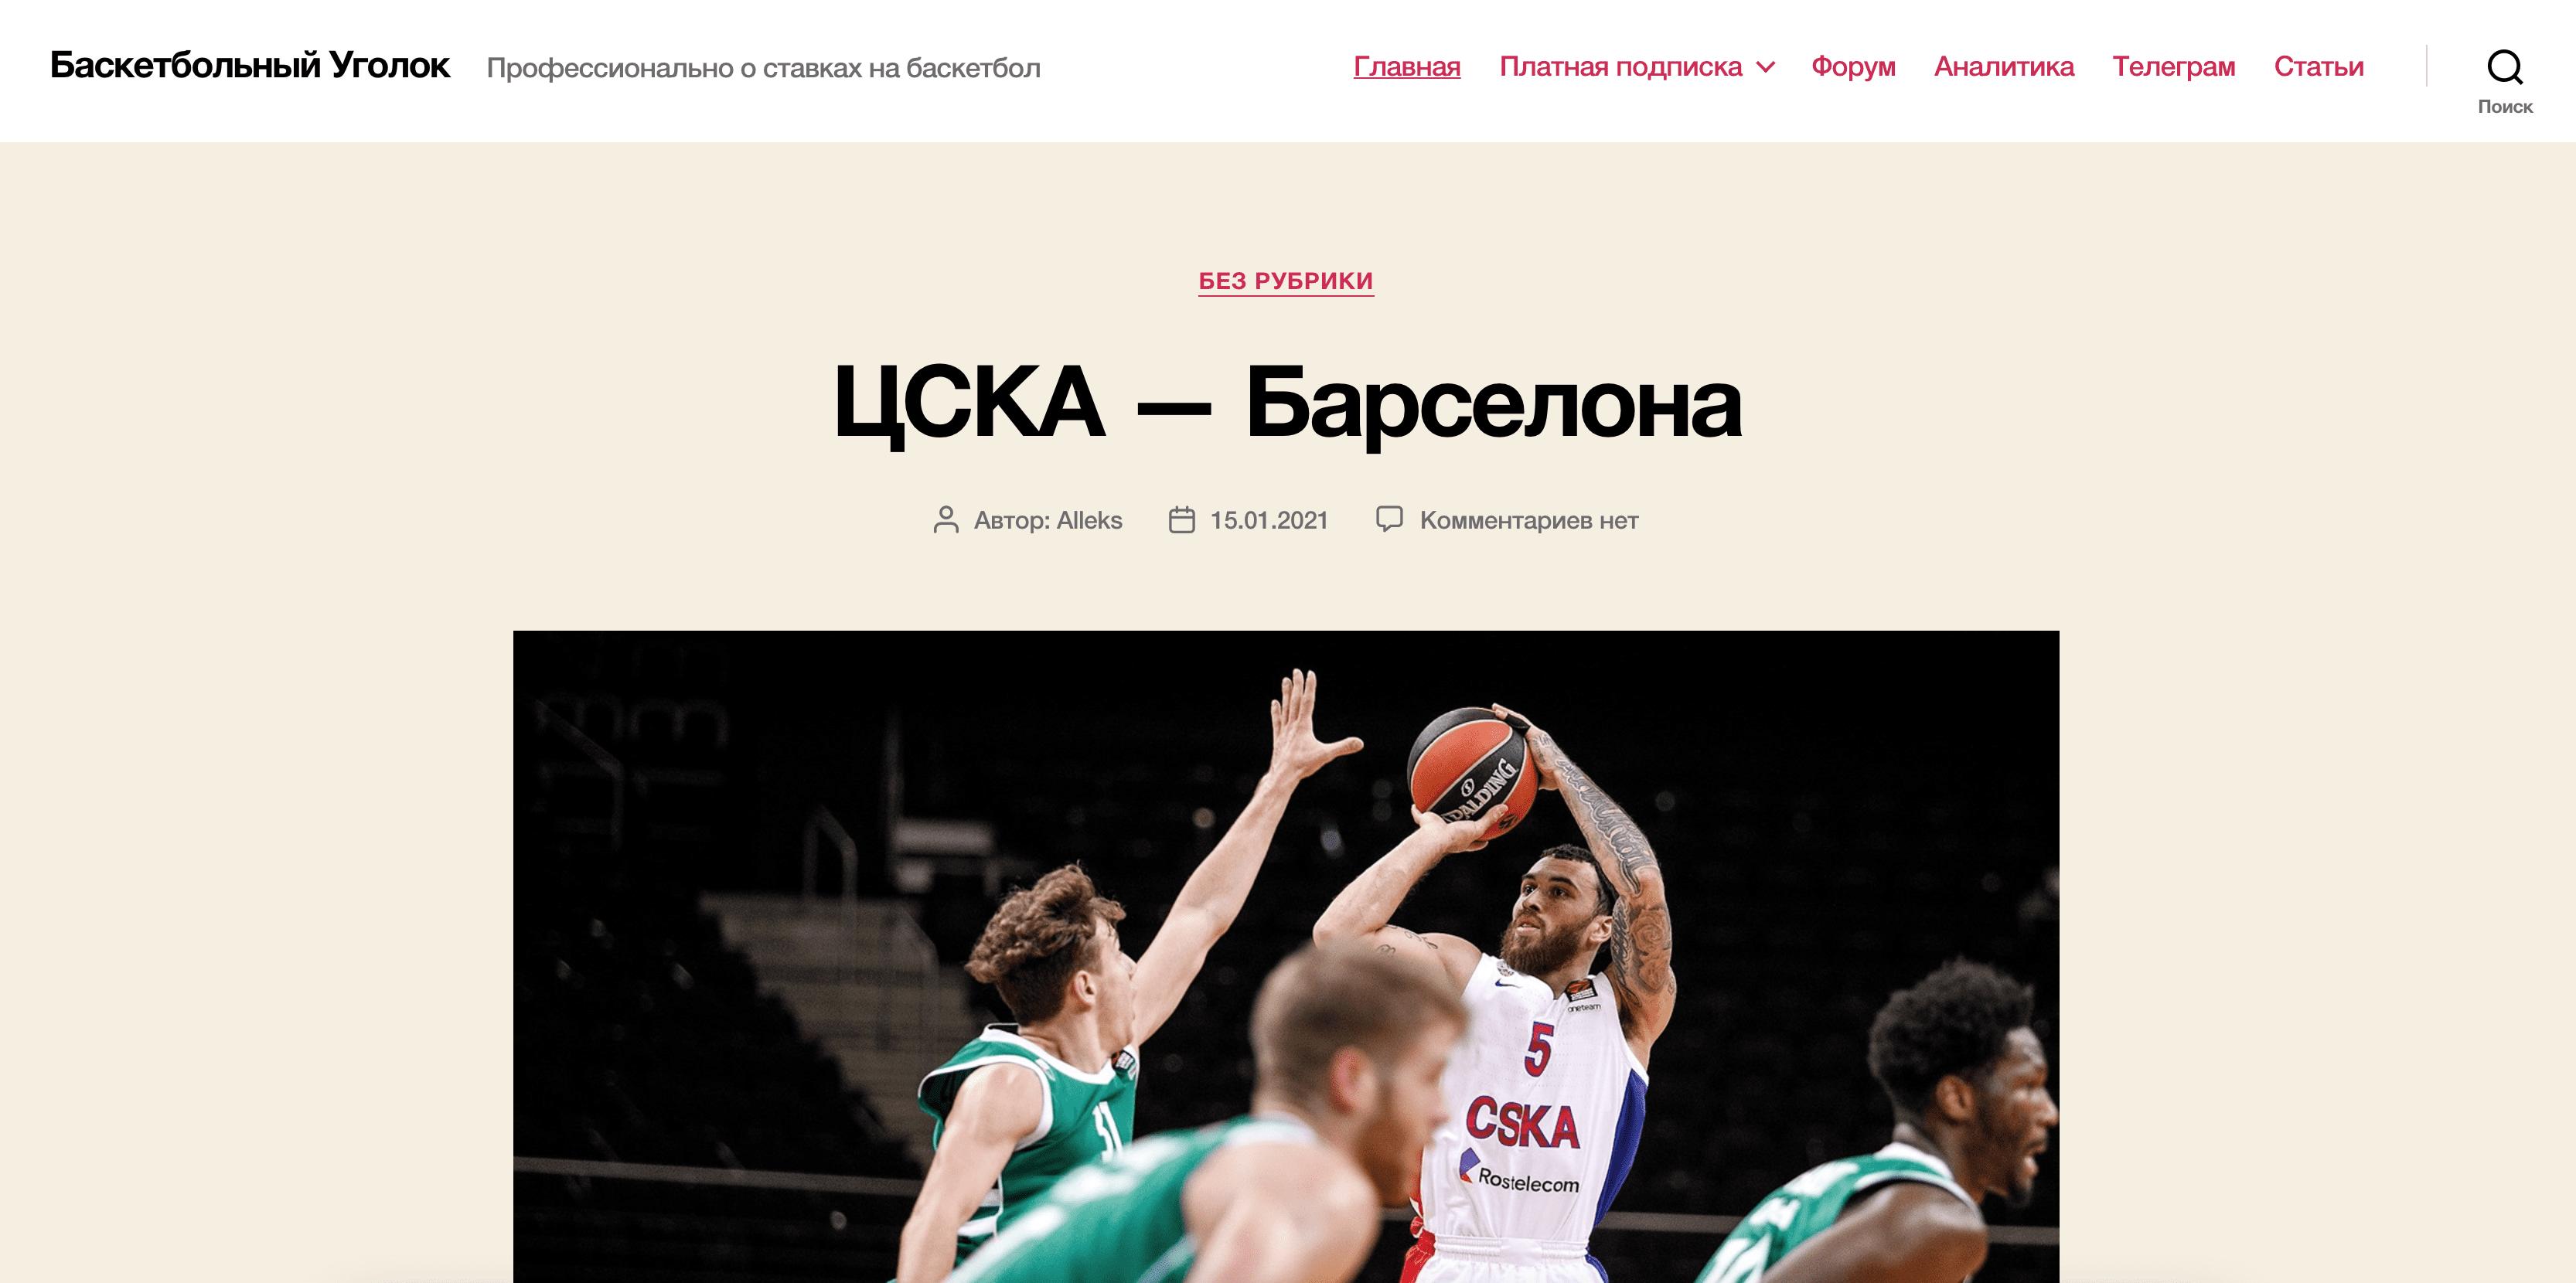 Главная страница сайта Betonbasket(Бетонбаскет)